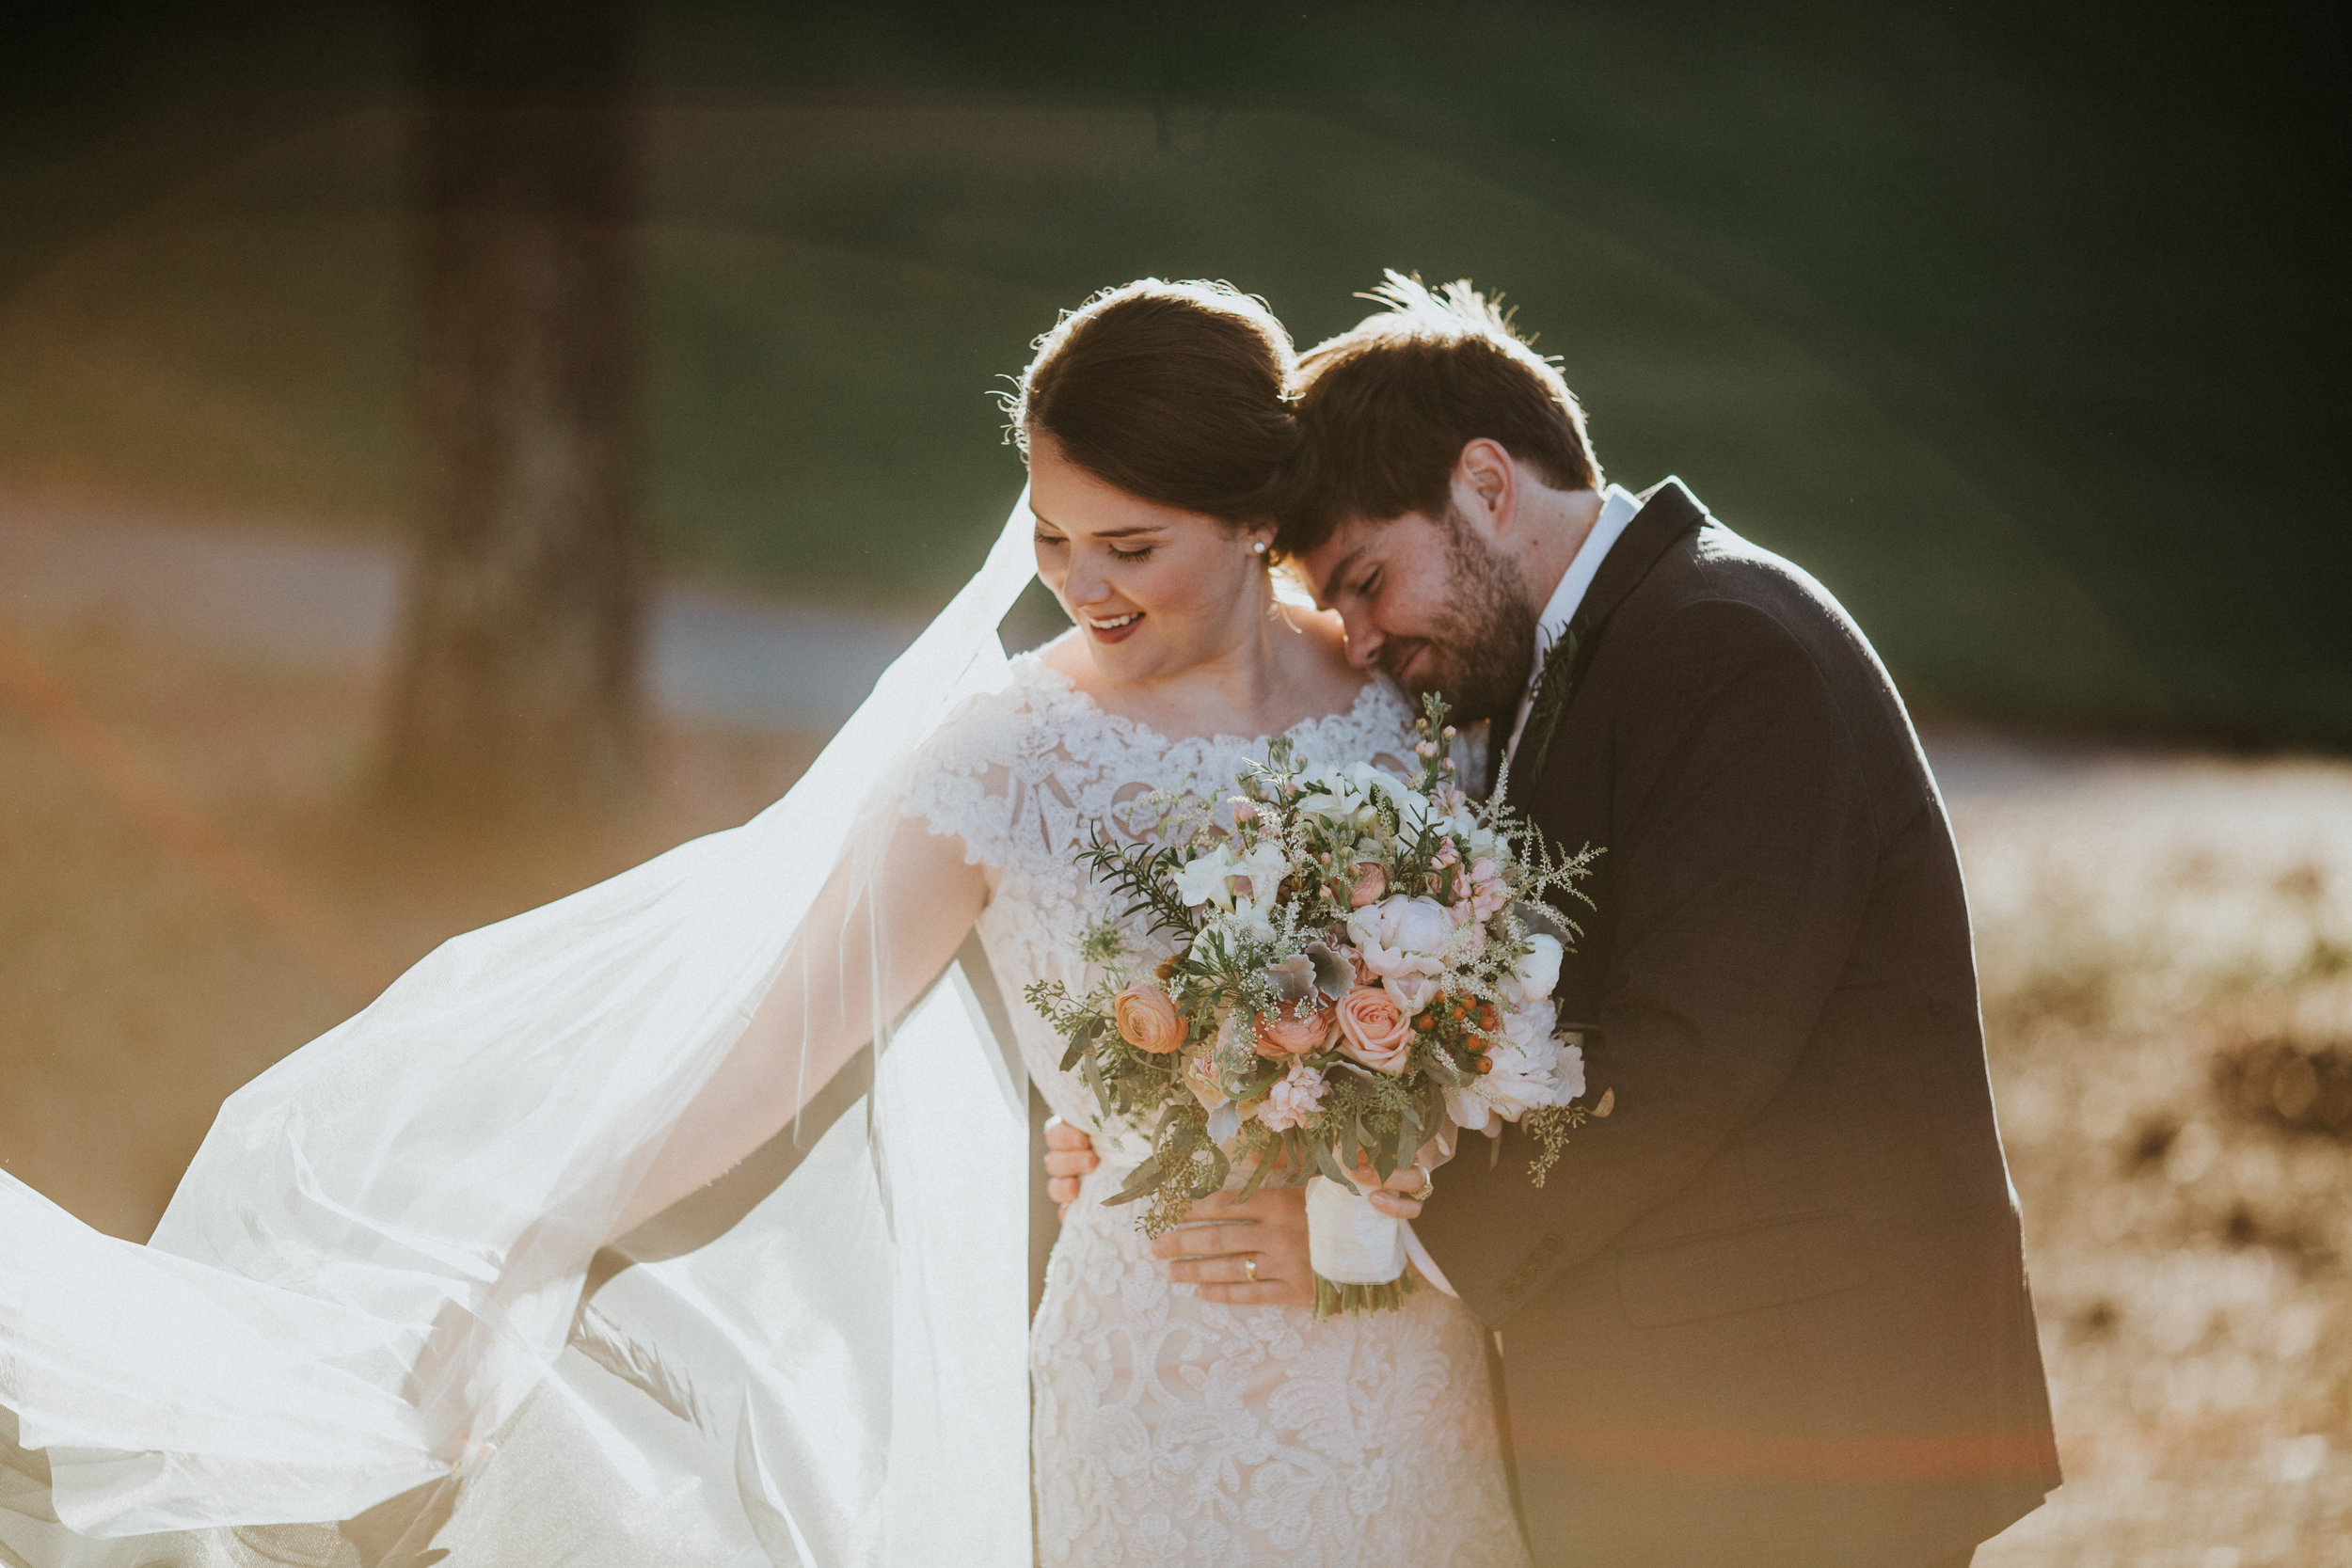 lovestoriesbyhalieandalec-frances-and-hank-married-223.jpg